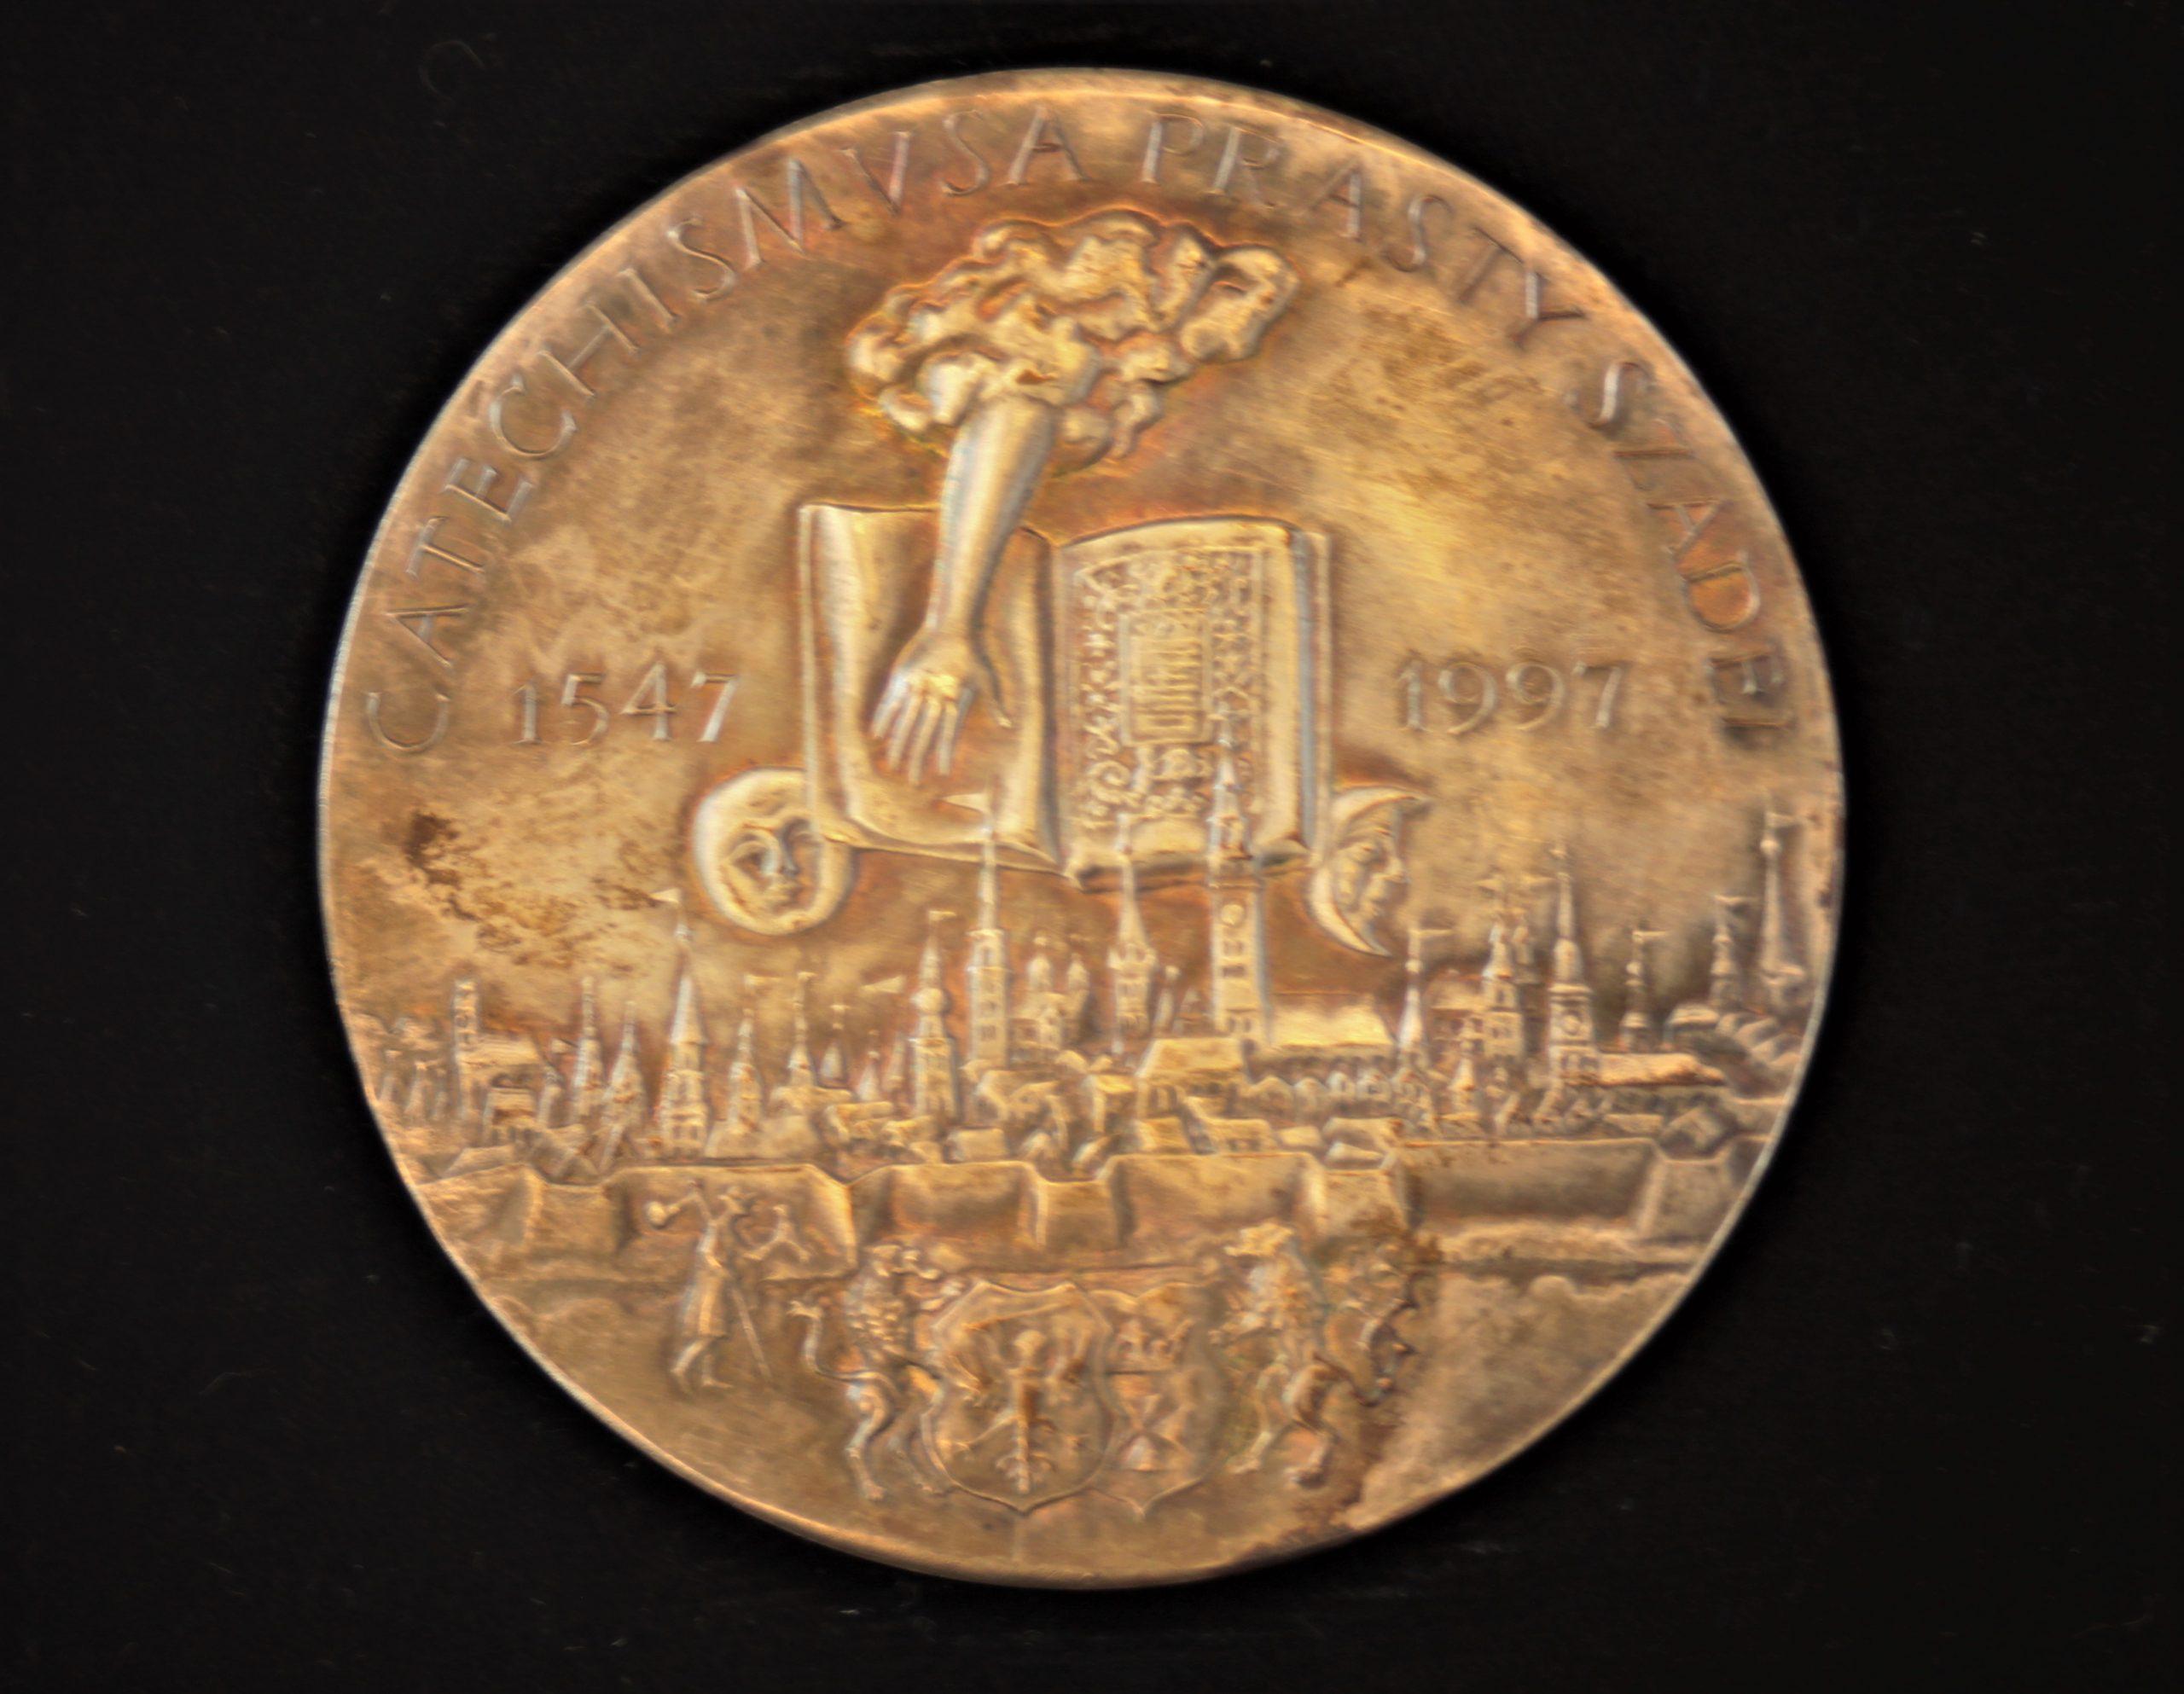 Pirmosios lietuviškos knygos 450 metų sukaktuvinis medalis. Metalas. Aversas. Dail. P. Repšys